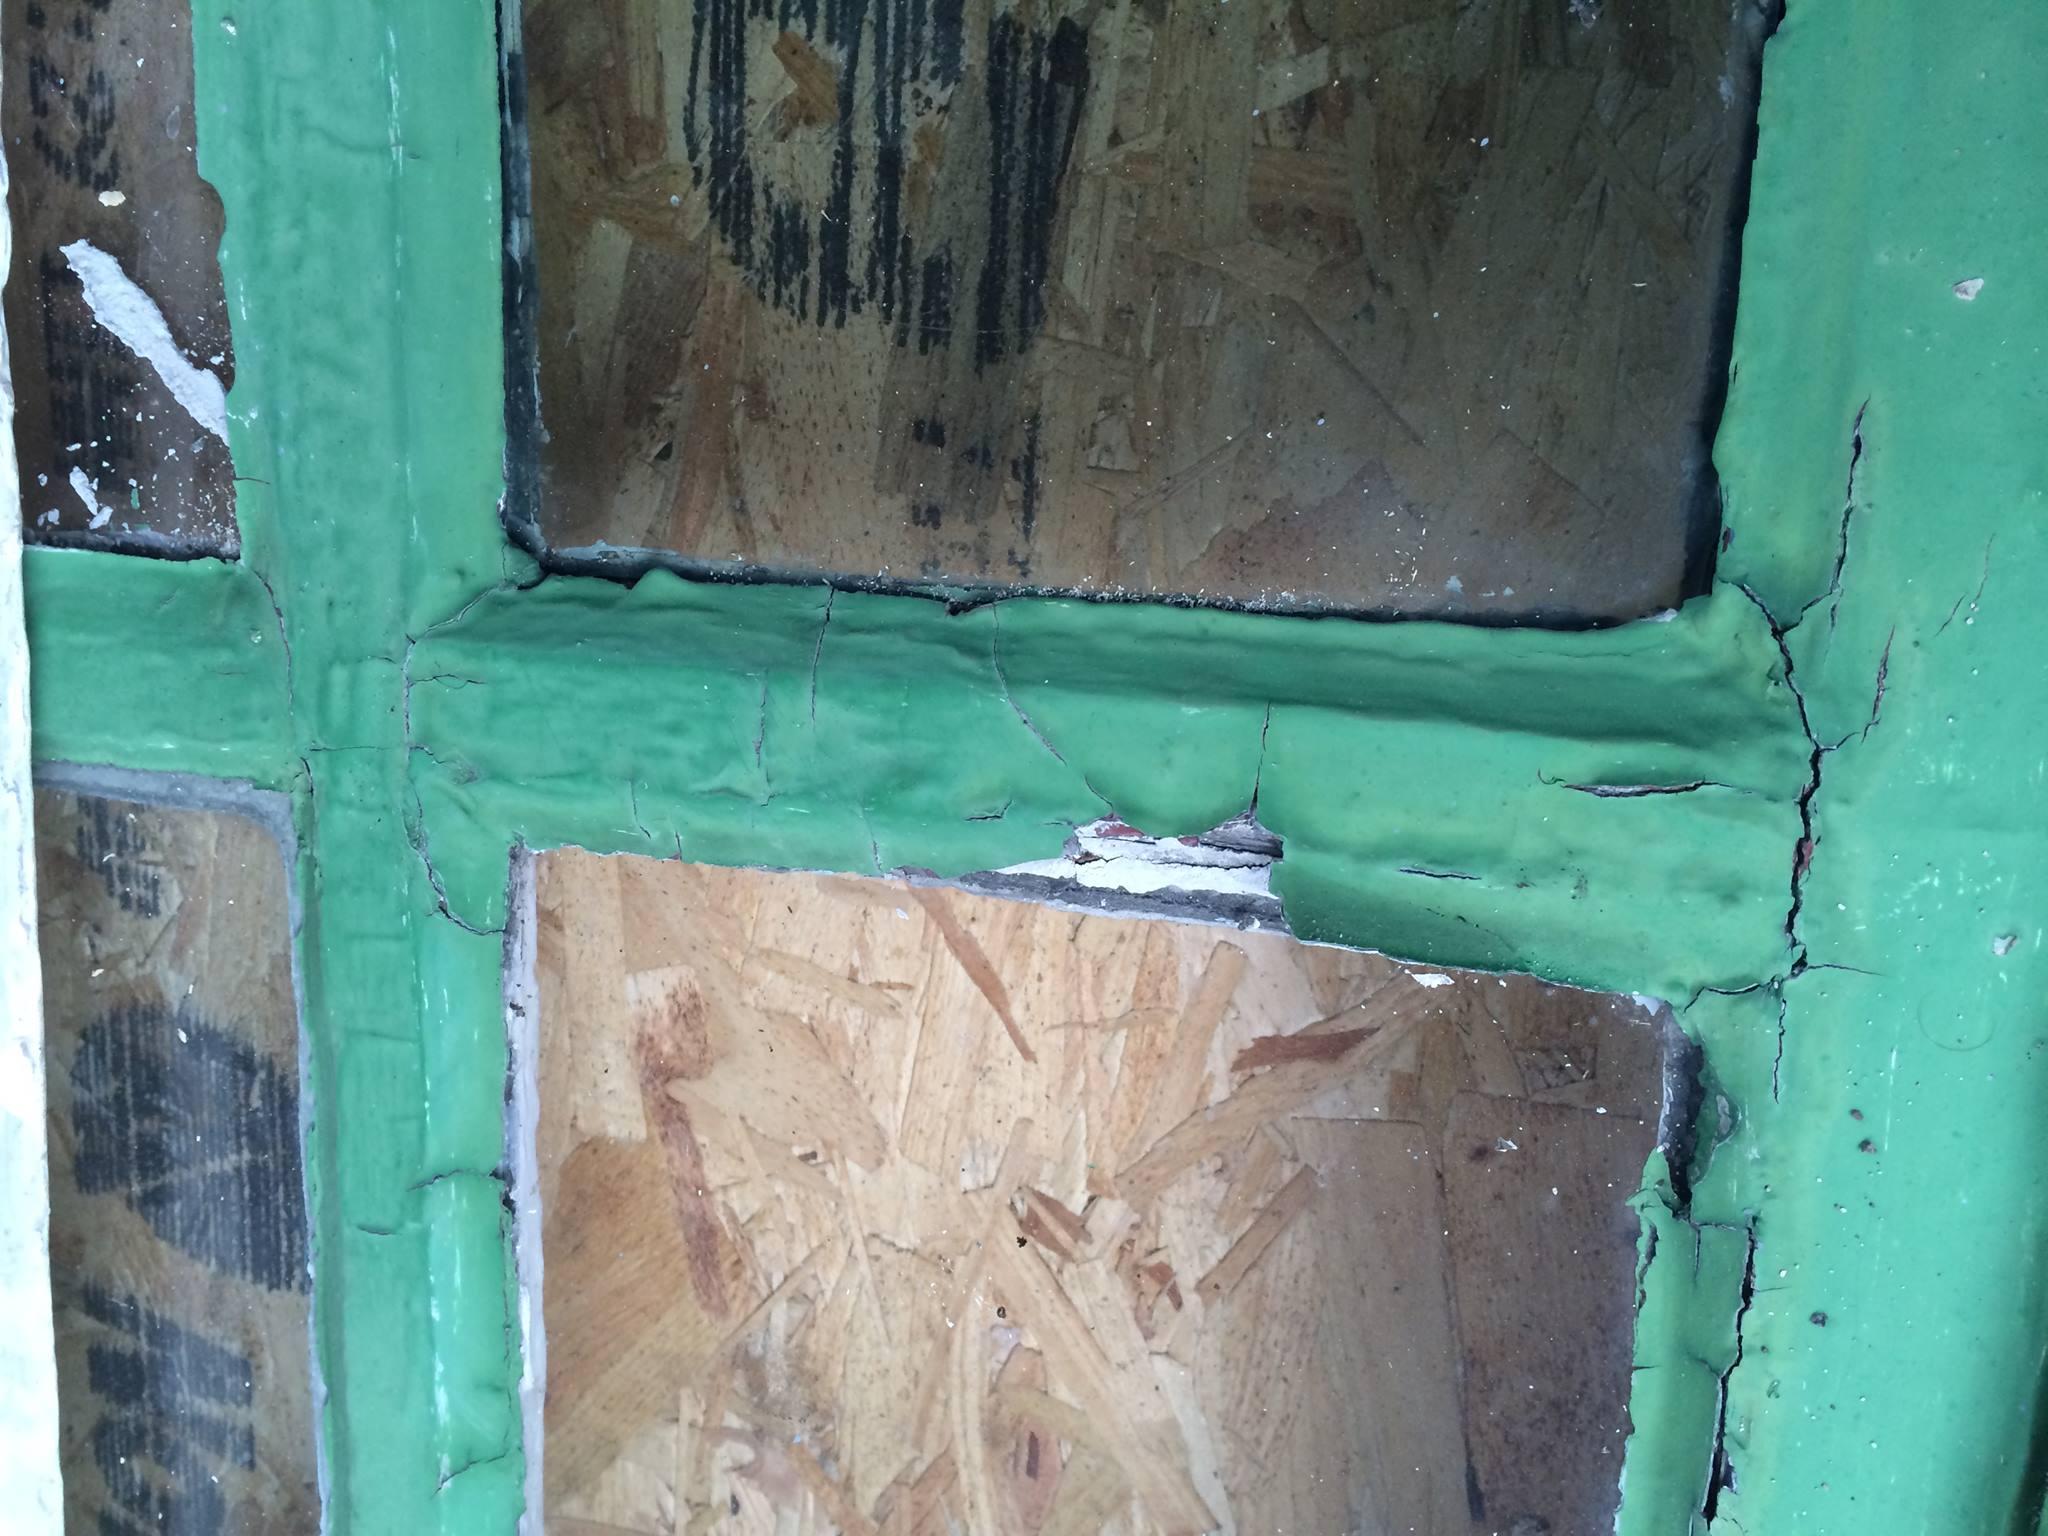 Window detail prior to repair